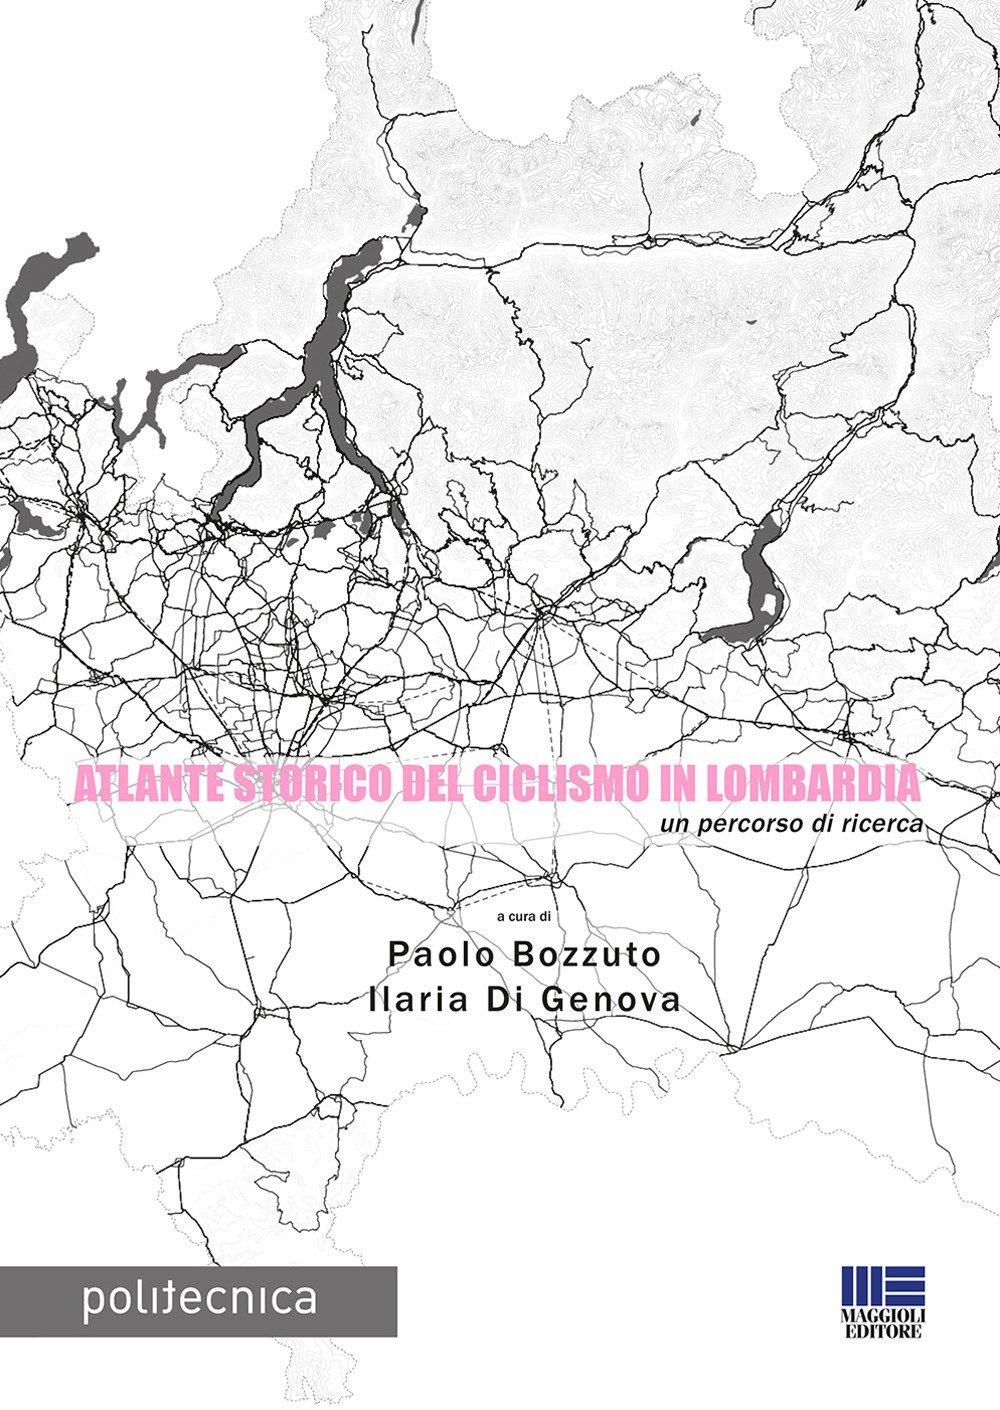 Atlante storico del ciclismo in lombardia. Un percorso di ricerca